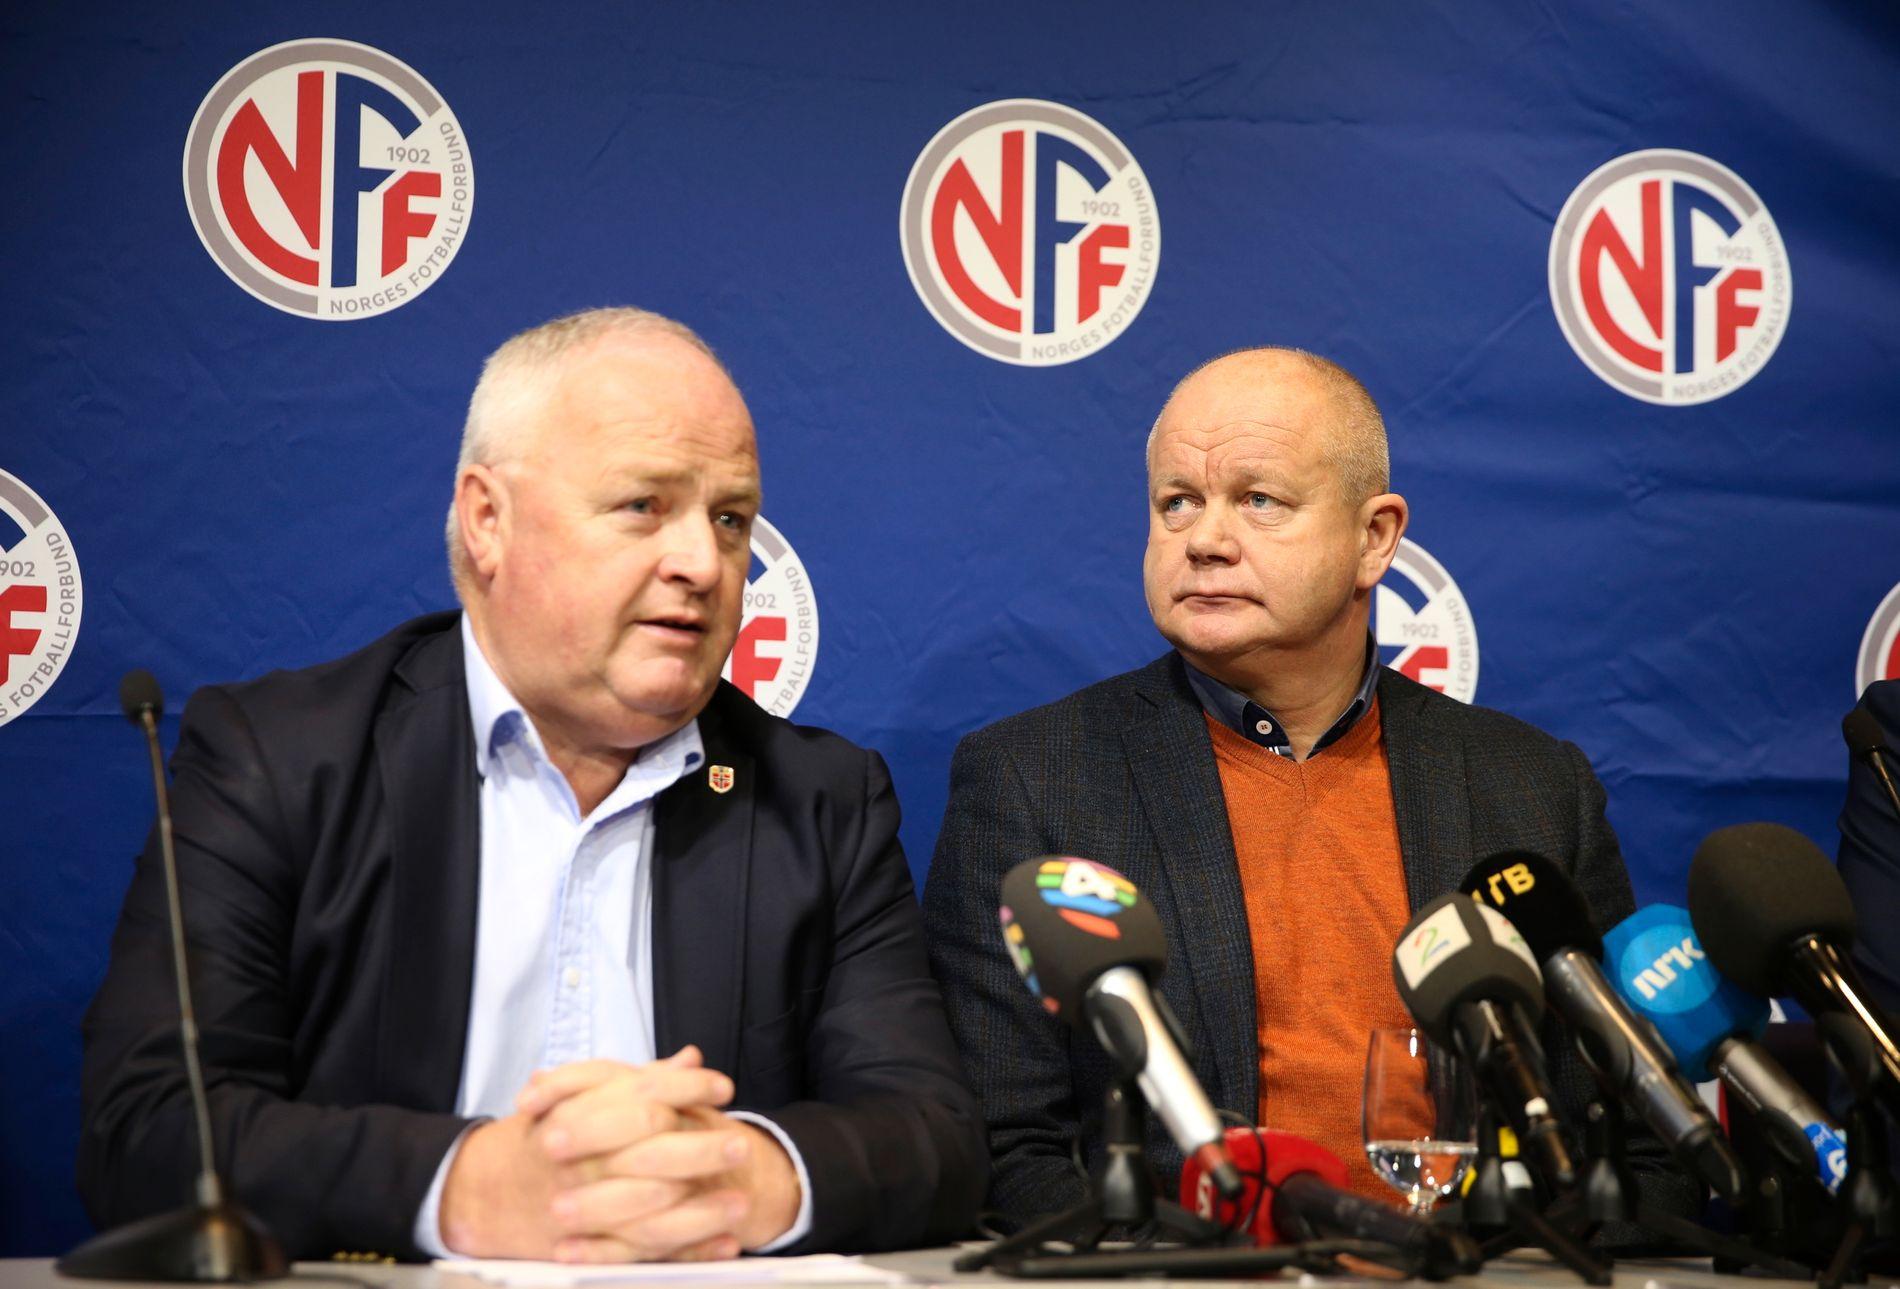 FERDIG SOM LANDSLAGSTRENER: Fotballpresident Terje Svendsen på pressekonferansen der det ble klart at Per-Mathias Høgmo var ferdig som landslagstrener i fotball.